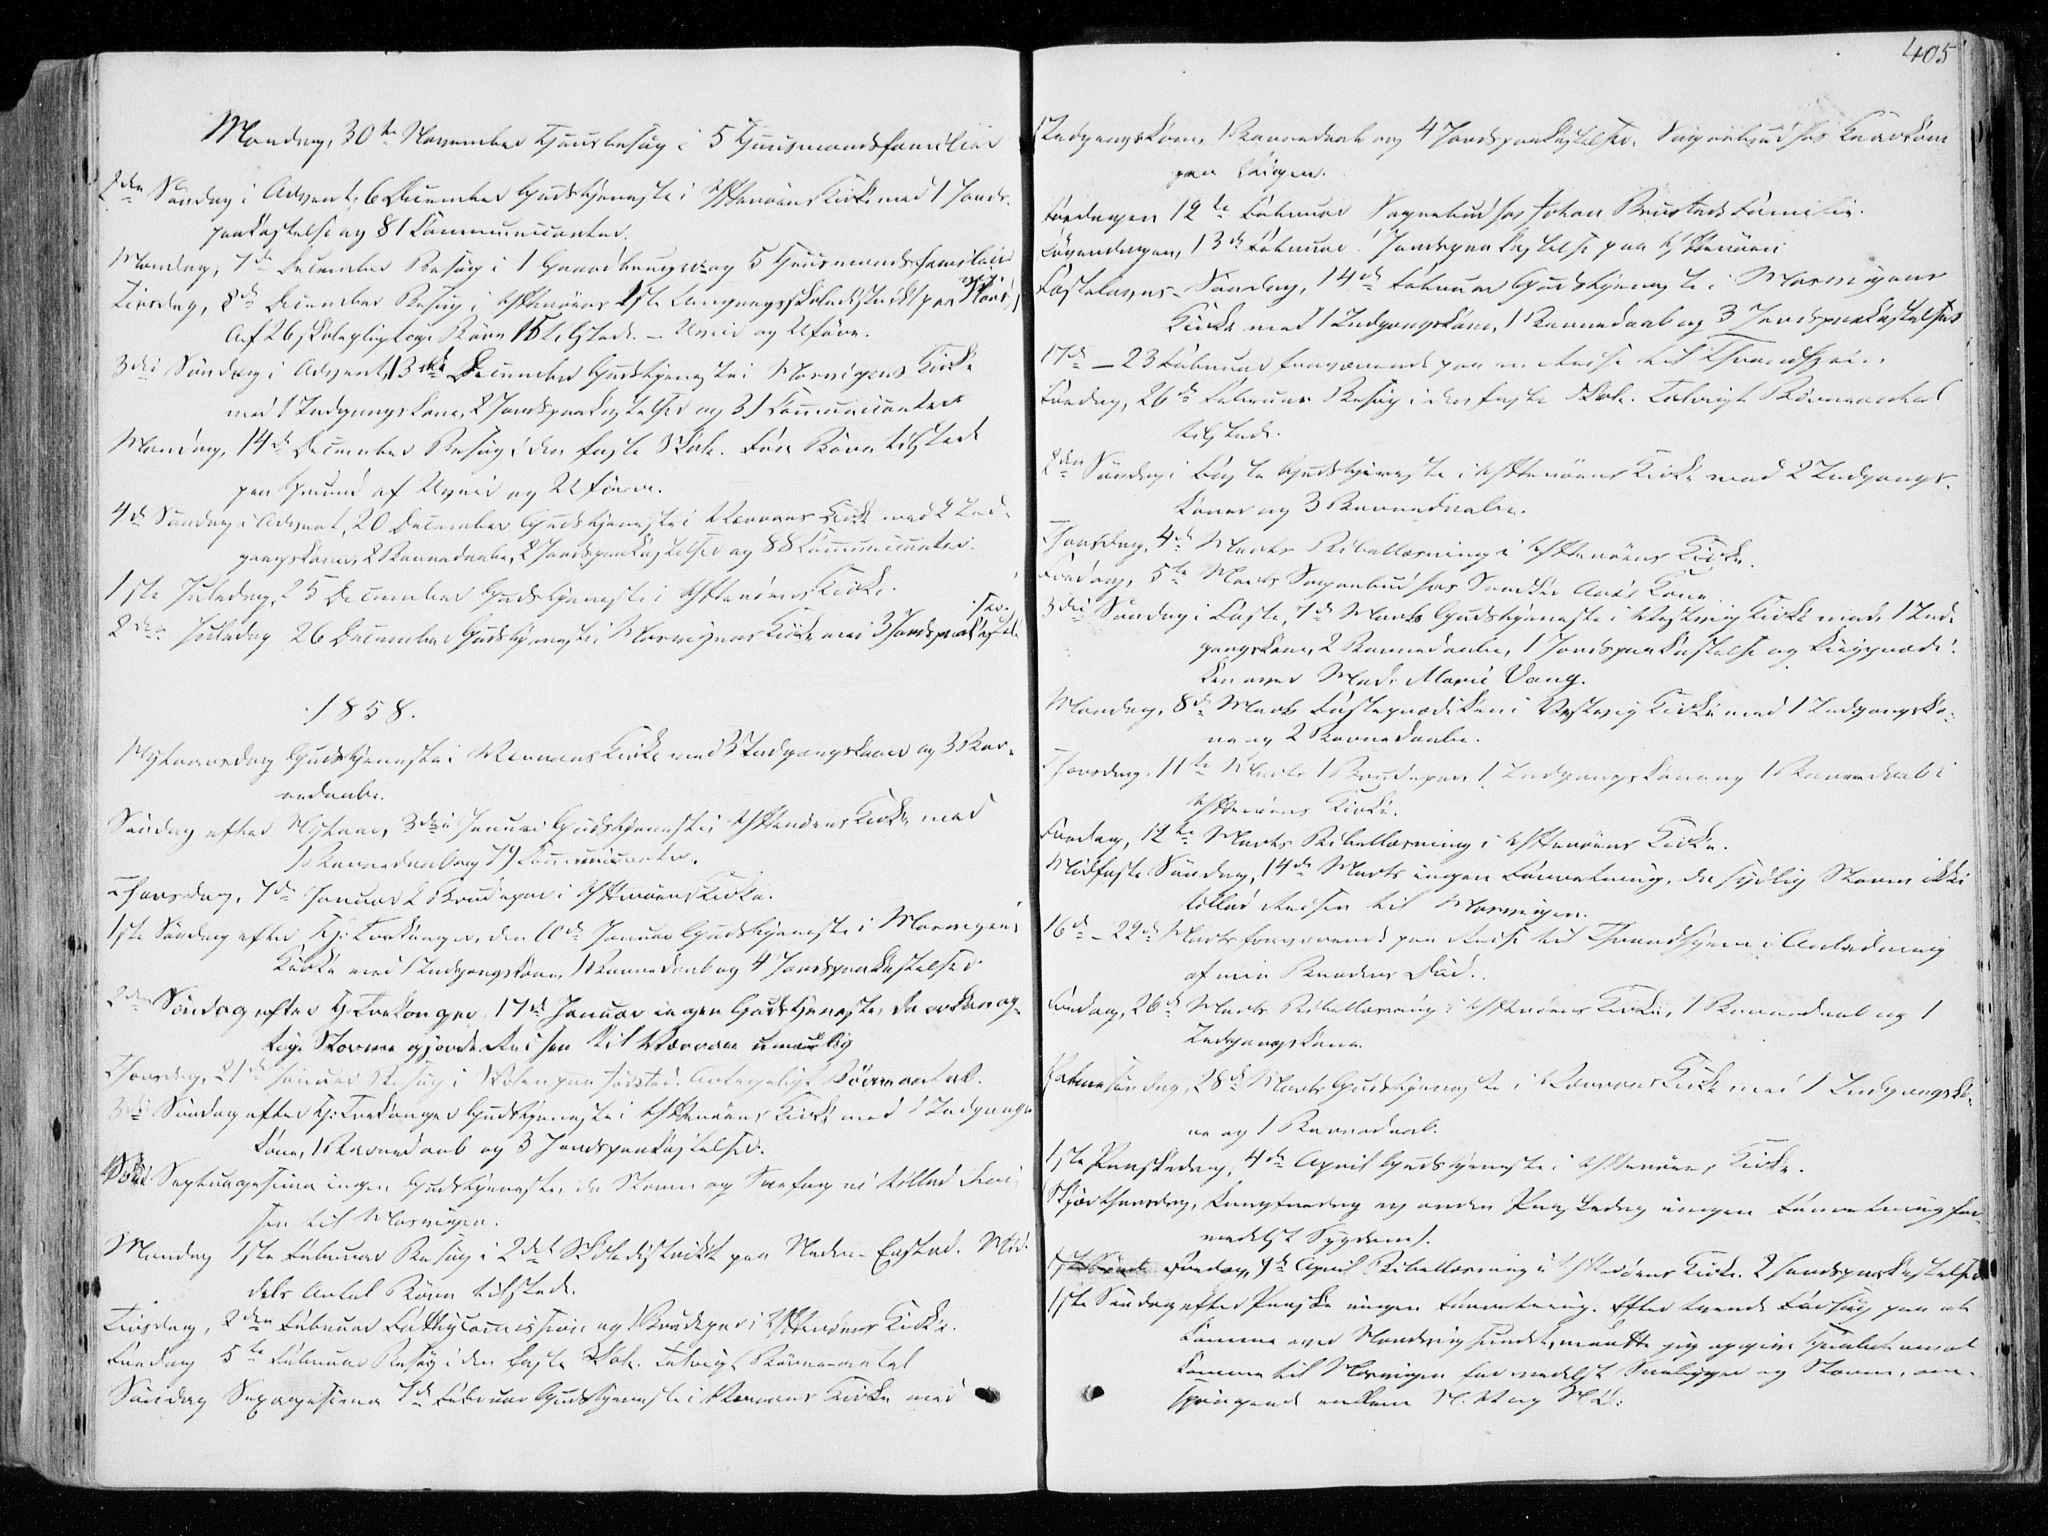 SAT, Ministerialprotokoller, klokkerbøker og fødselsregistre - Nord-Trøndelag, 722/L0218: Ministerialbok nr. 722A05, 1843-1868, s. 405